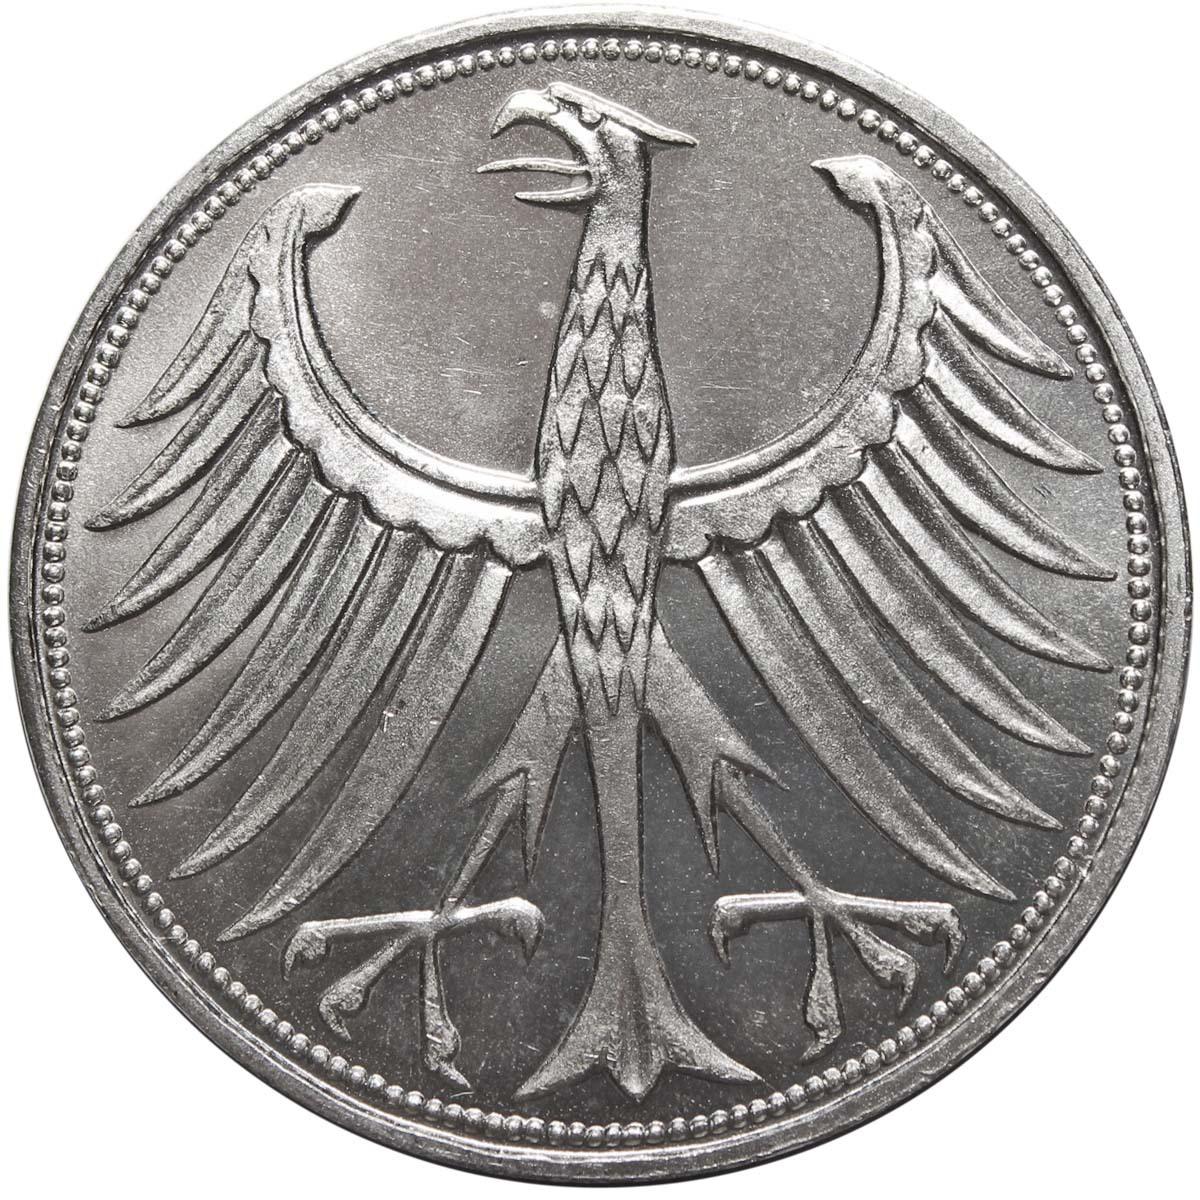 5 марок. Германия. (J). Серебро. 1966 год. AU